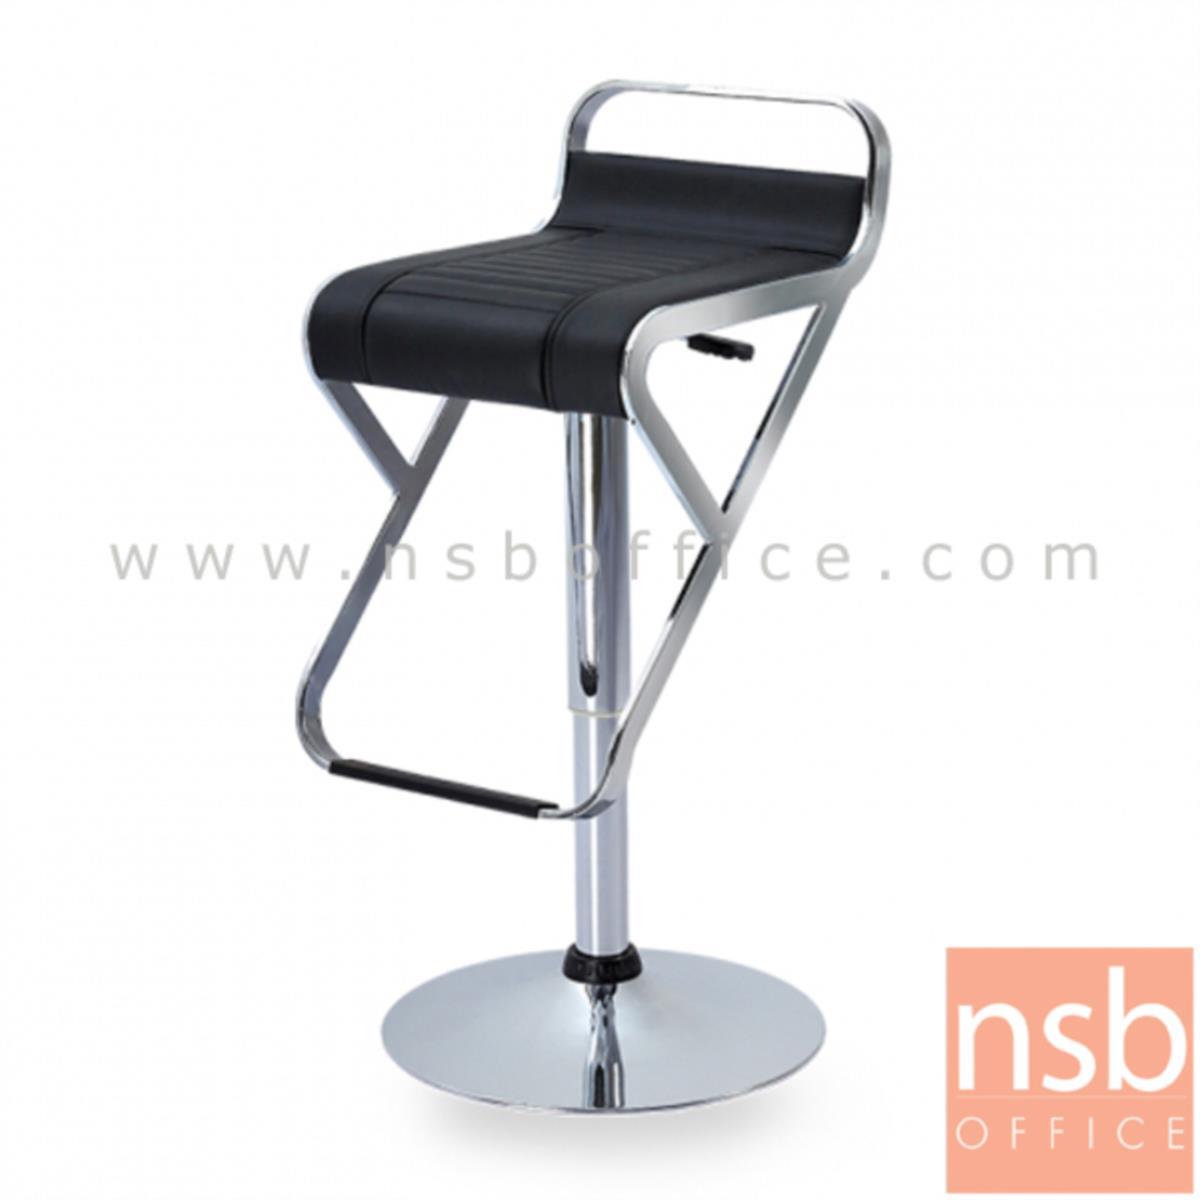 B09A155:เก้าอี้บาร์สูงหนังเทียม รุ่น Janith (เจนิธ) ขนาด 35.8W cm. ขาโครเมี่ยมฐานจานกลม